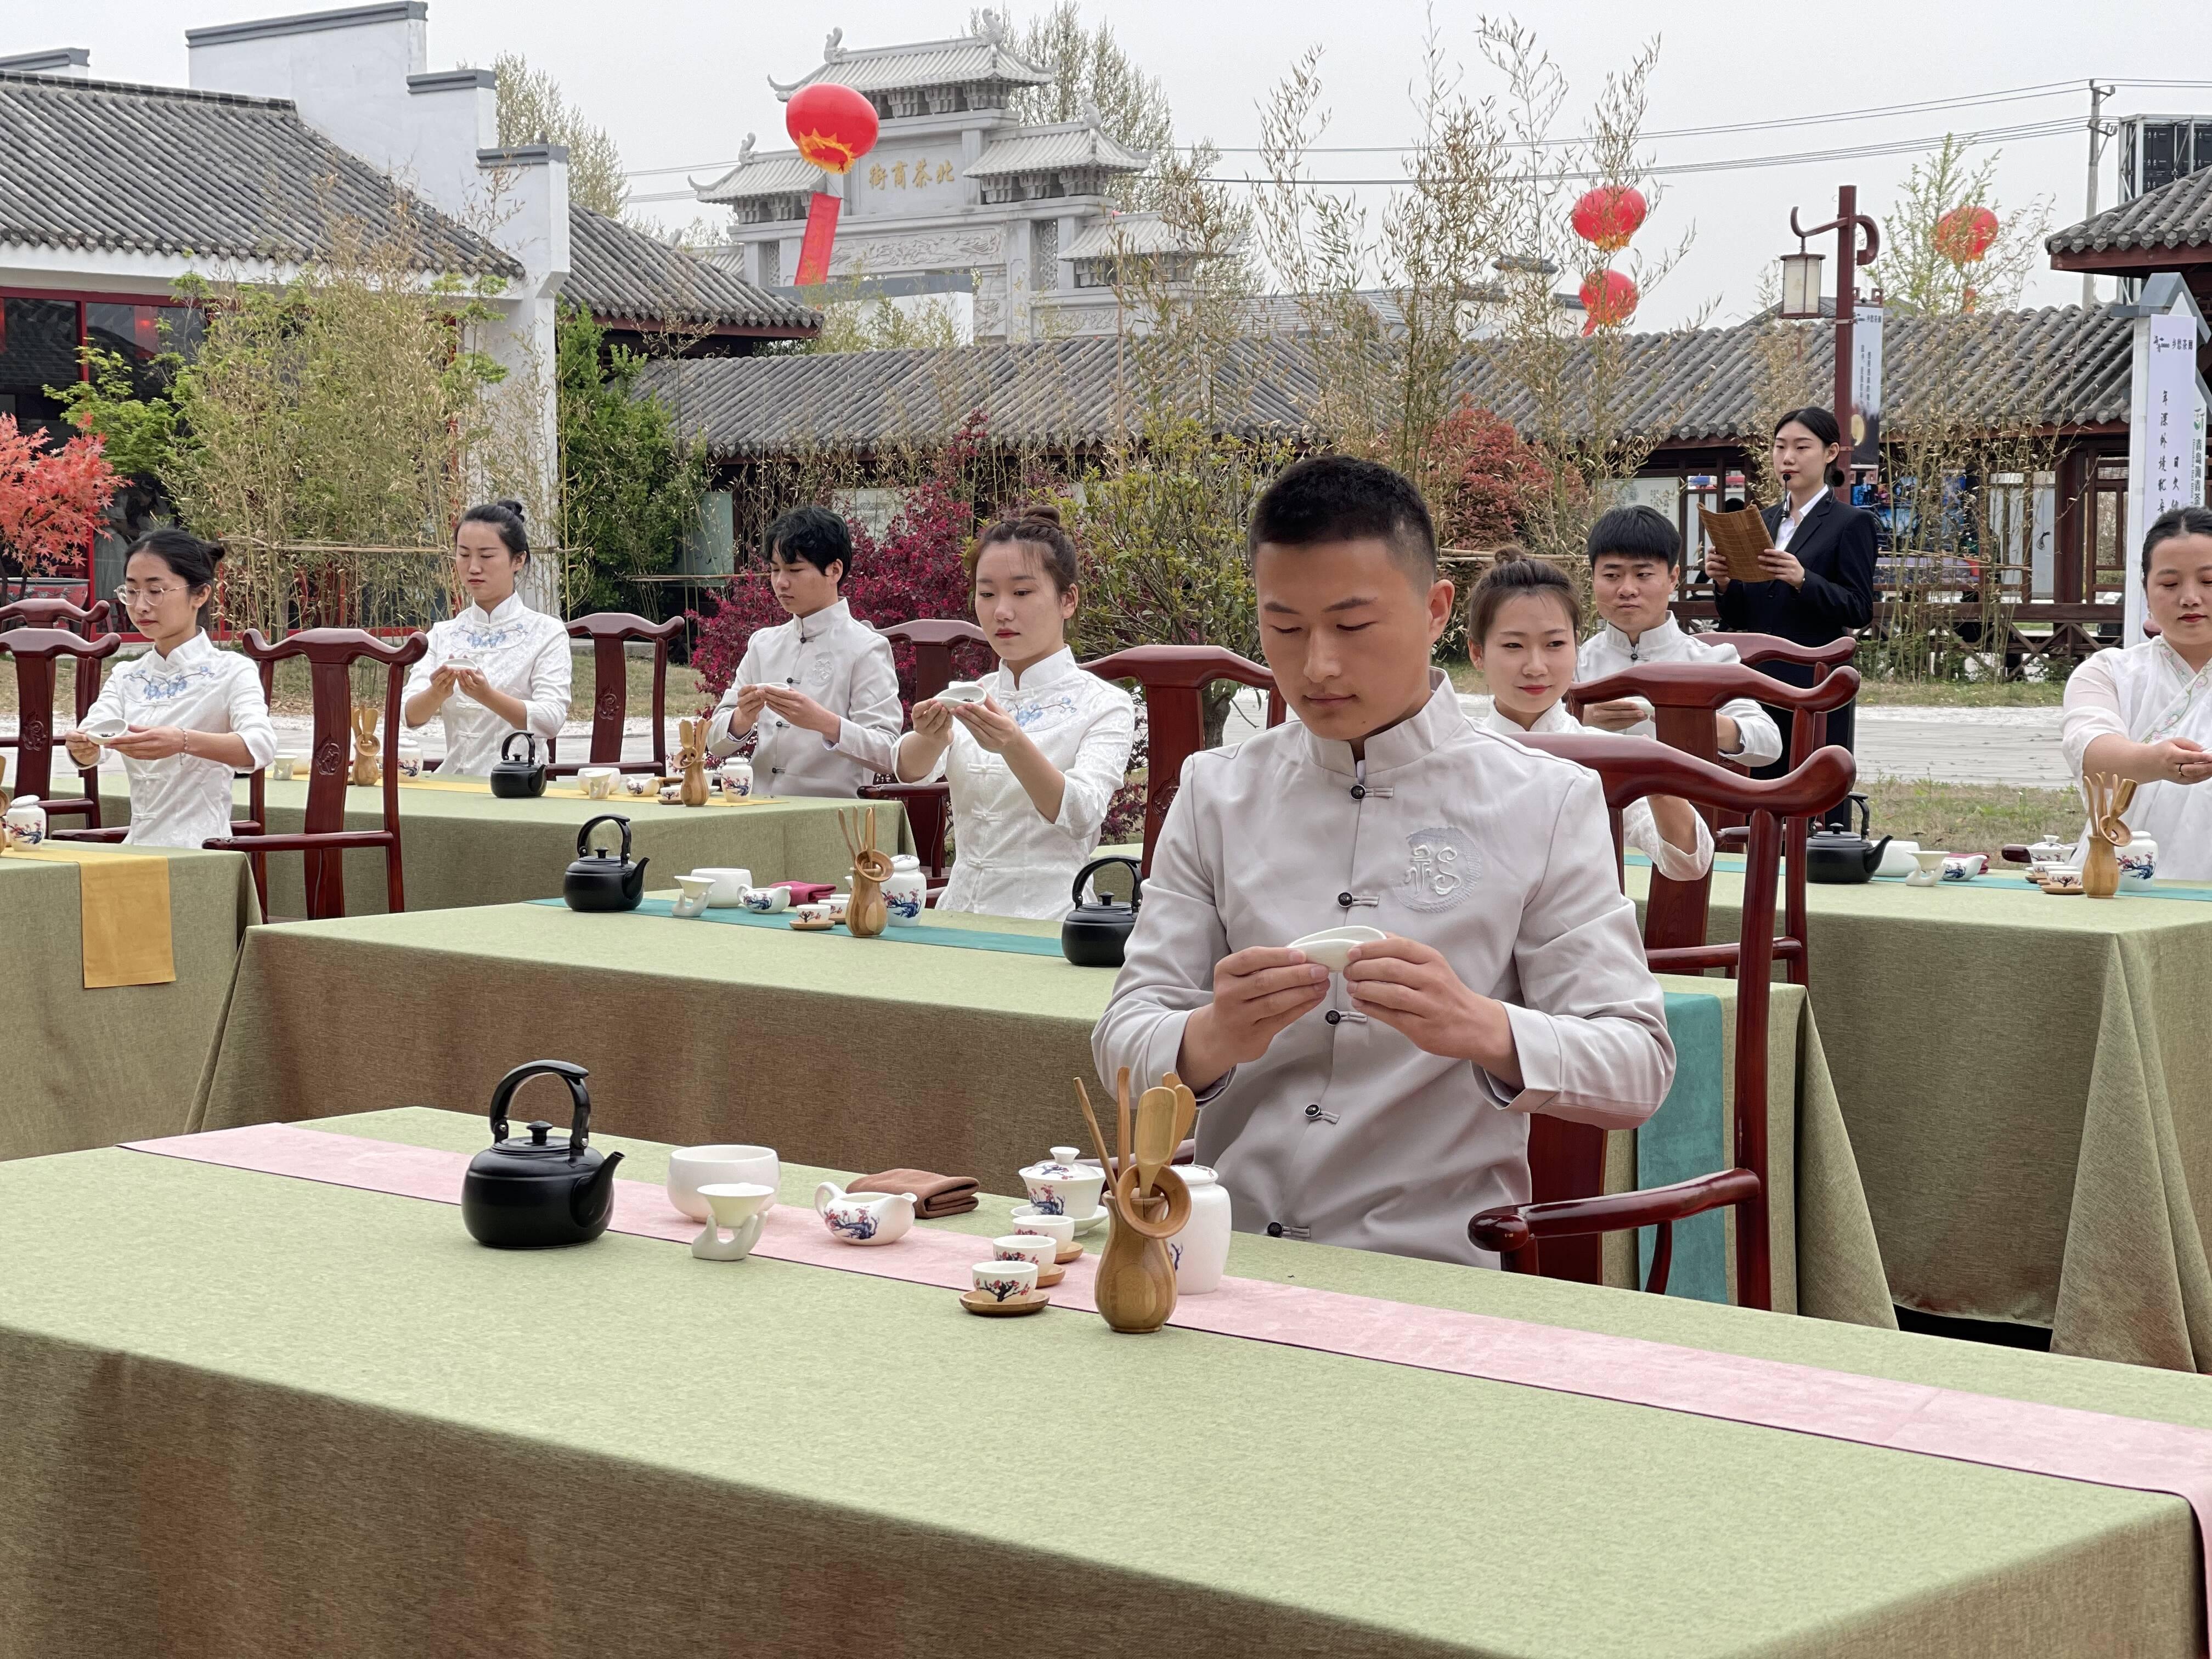 开街仪式上,茶艺师们进行传统茶艺展示。记者 谭宁 摄